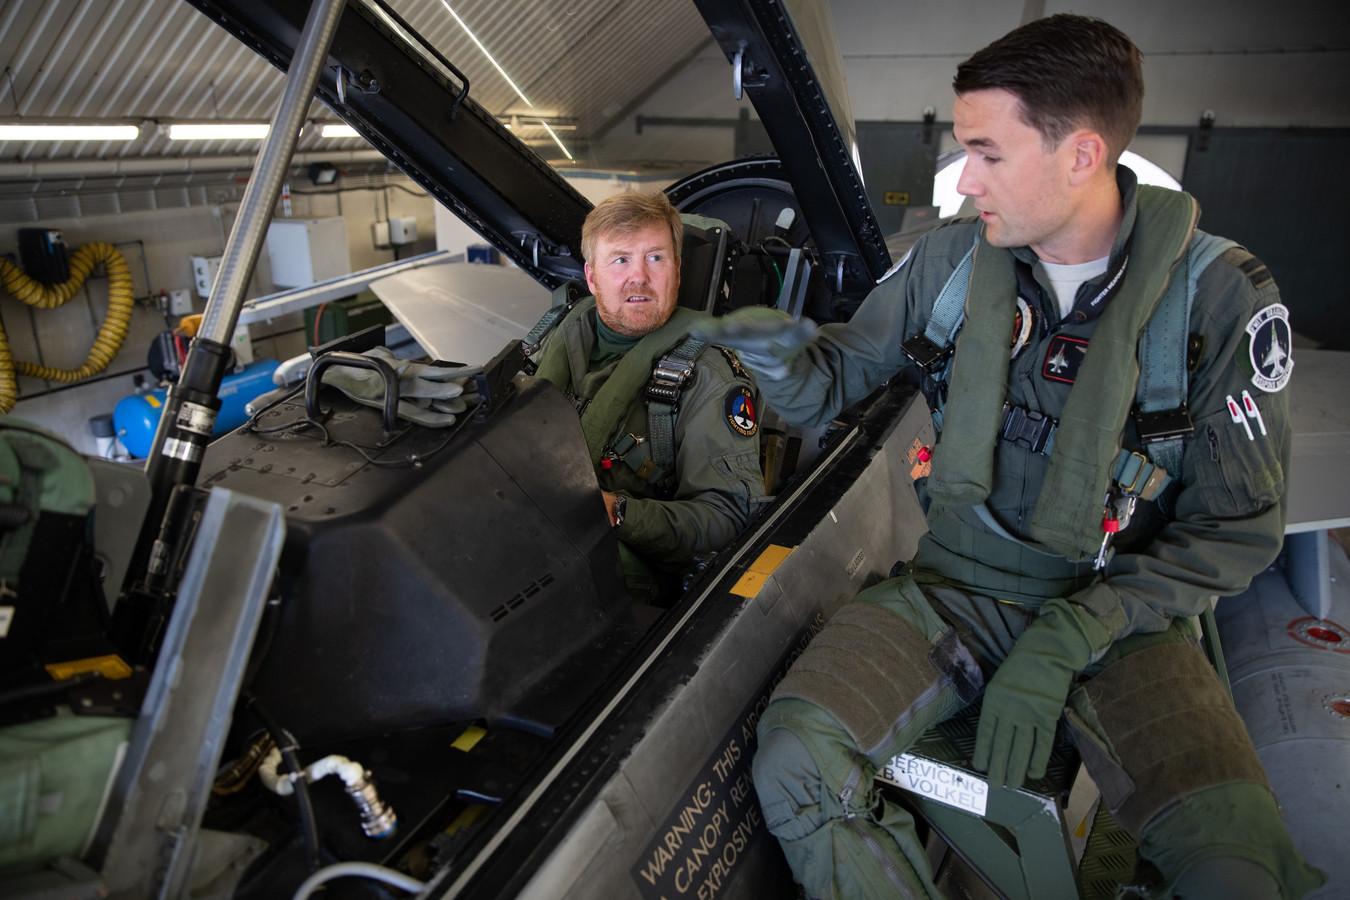 Kapitein Luuk geeft uitleg over de systemen aan boord van de F-16.